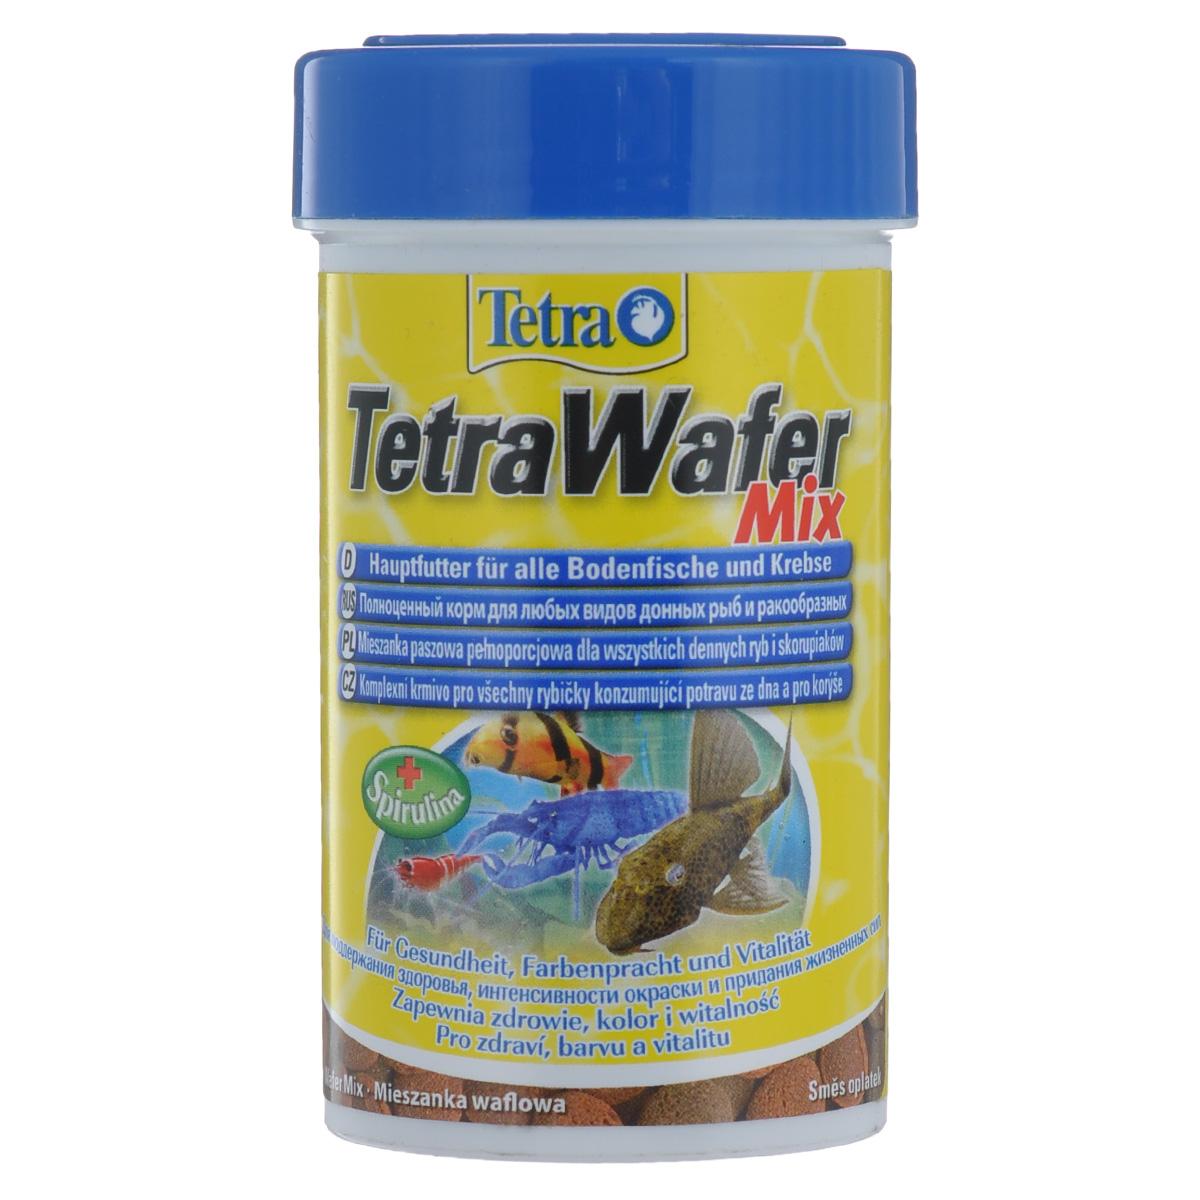 Корм сухой TetraWafer Mix, для всех донных рыб и ракообразных, в виде пластинок, 100 мл140066TetraWafer Mix - полноценный премиум-корм, богатый питательными веществами, который обеспечивает здоровье, окрас и жизненную силу маленьким донным рыбкам и ракообразным. Сочетание двух различных пластинок гарантирует разнообразное и оптимальное кормление. Твердые ваферсы имеют размер около 0,4 см в диаметре и поэтому обеспечивают естественное кормление. Благодаря своей плотной структуре ваферсы не загрязняют воду. Рекомендации по кормлению: кормить несколько раз в день маленькими порциями. Характеристики: Состав: рыба и рыбные продукты, растительные экстракты белка, зерновые, растительные продукты, моллюски и ракообразные, дрожжи, водоросли (Спирулина Максима 1,5%), минеральные вещества, жиры и масла. Пищевая ценность: сырой белок - 45%, сырые масла и жиры - 6%, волокно - 2%, влага - 9%. Добавки: витамин А 28460 МЕ/кг, витамин Д3 1770 МЕ/кг, Е5 марганец 64 мг/кг, Е6 цинк 38 мг/кг, Е1 железо 25 мг/кг, Е3 кобальт 0,5...